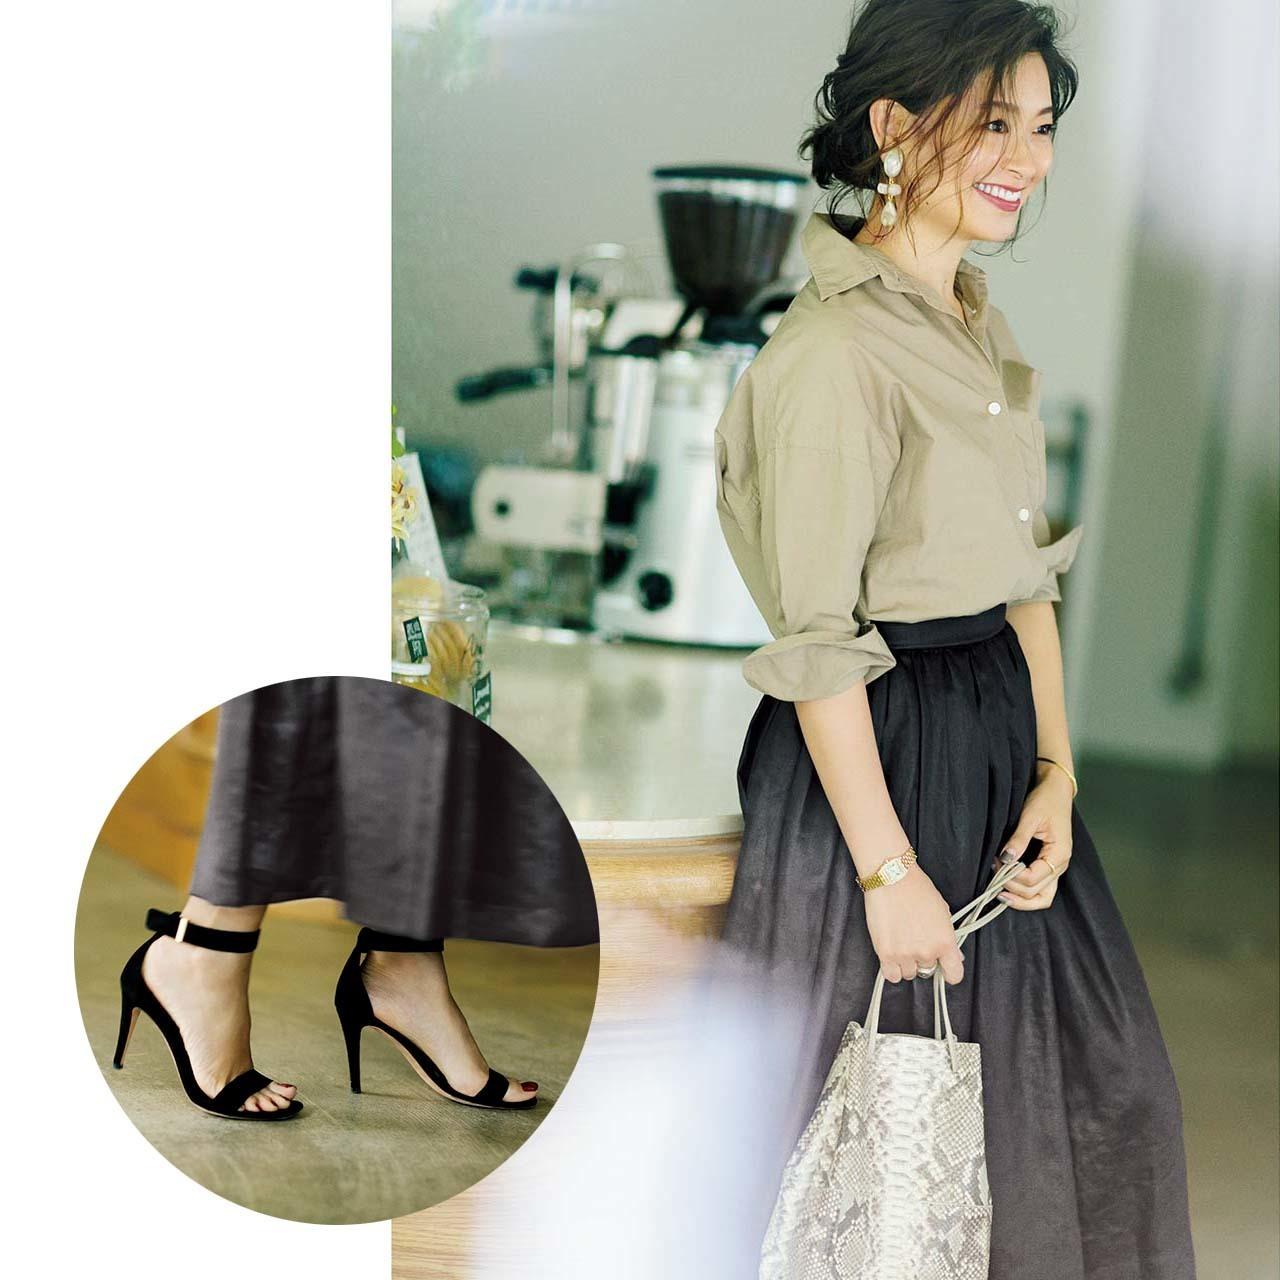 シャツ×スカートのファッションコーデ